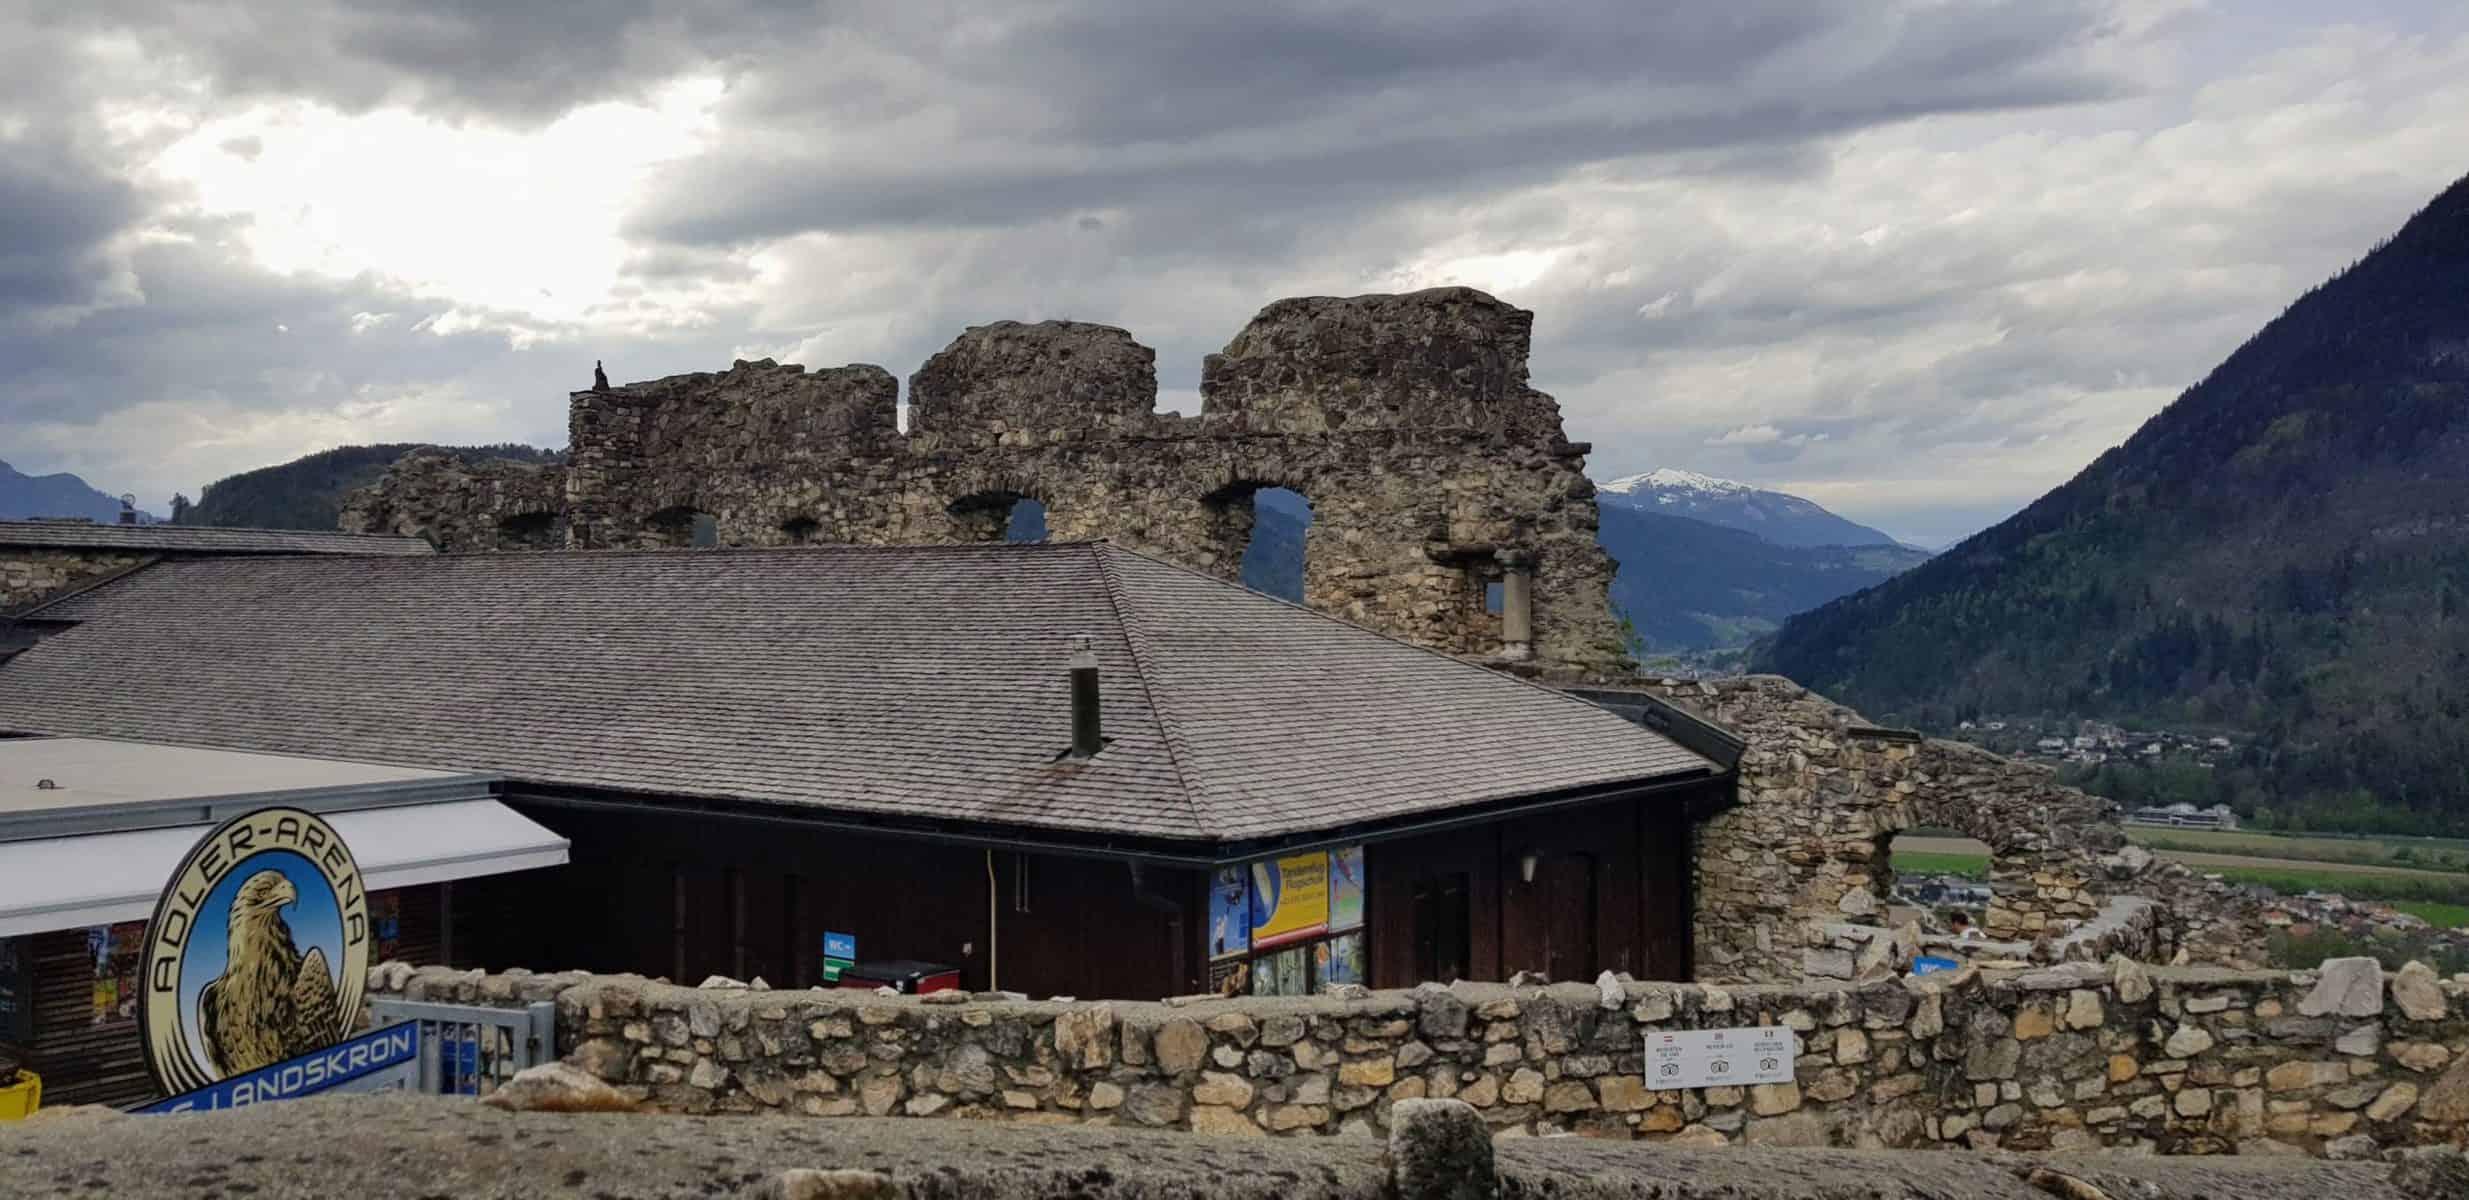 Eingangsbereich Adlerarena auf Burg Landskron. Greifvogelschau & Zoo Nähe Villach und Affenberg in Kärnten